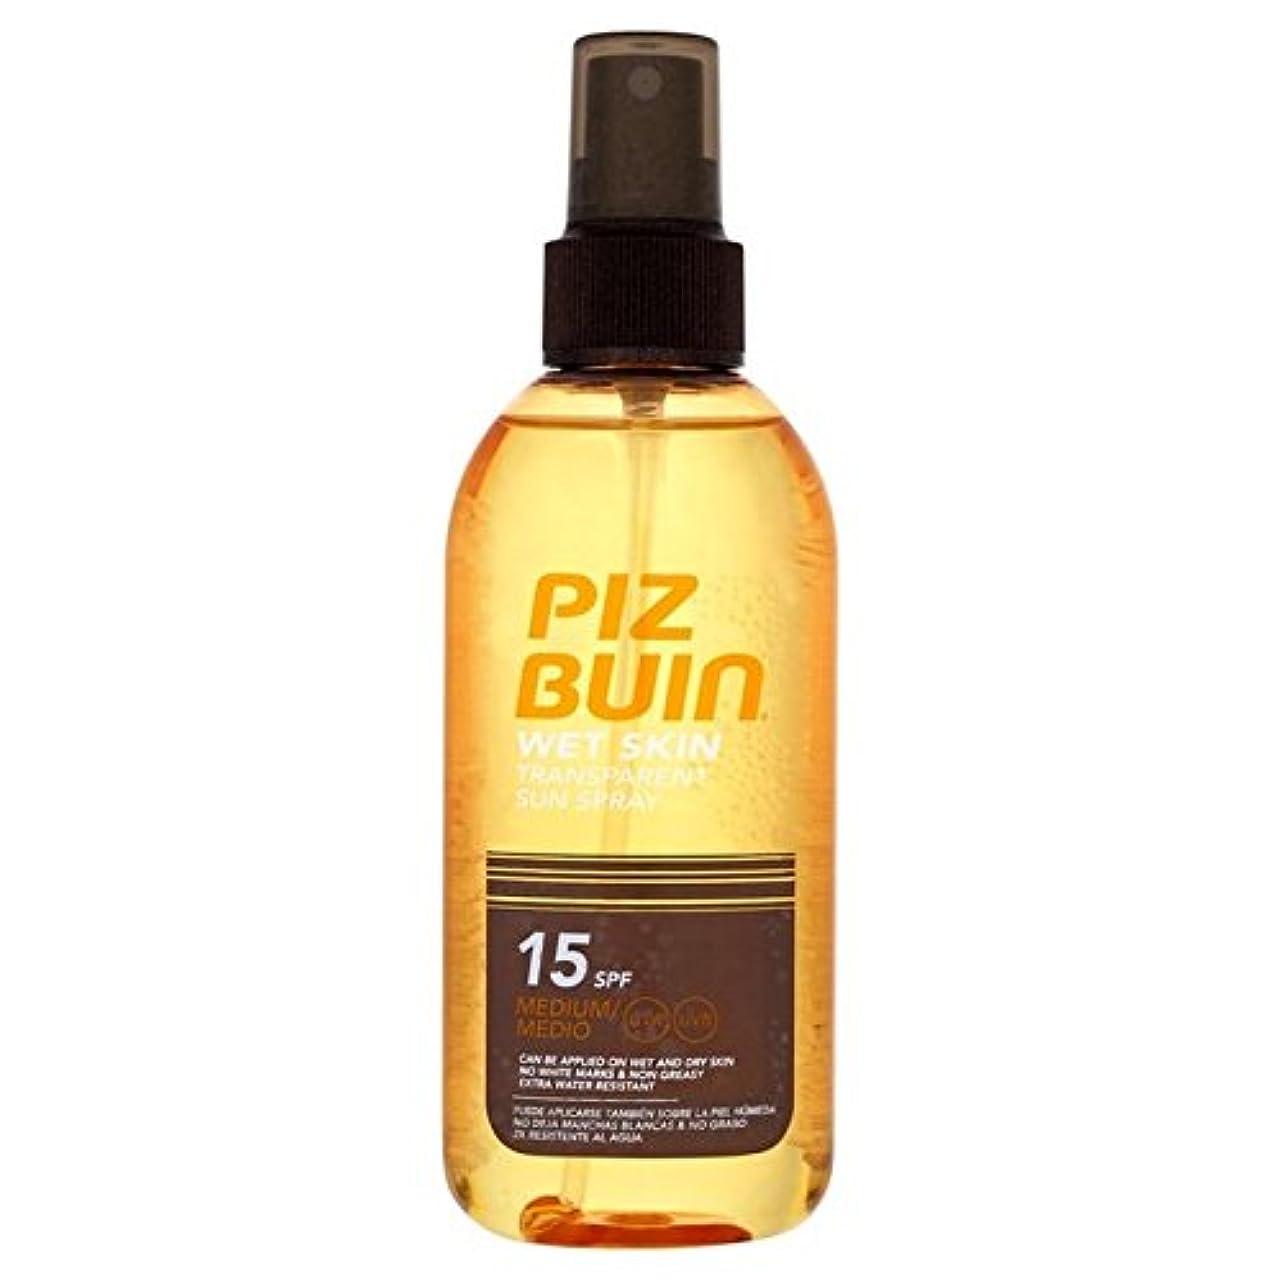 素晴らしき王子五月ピッツブーインの湿った透明肌15の150ミリリットル x2 - Piz Buin Wet Transparent Skin SPF15 150ml (Pack of 2) [並行輸入品]